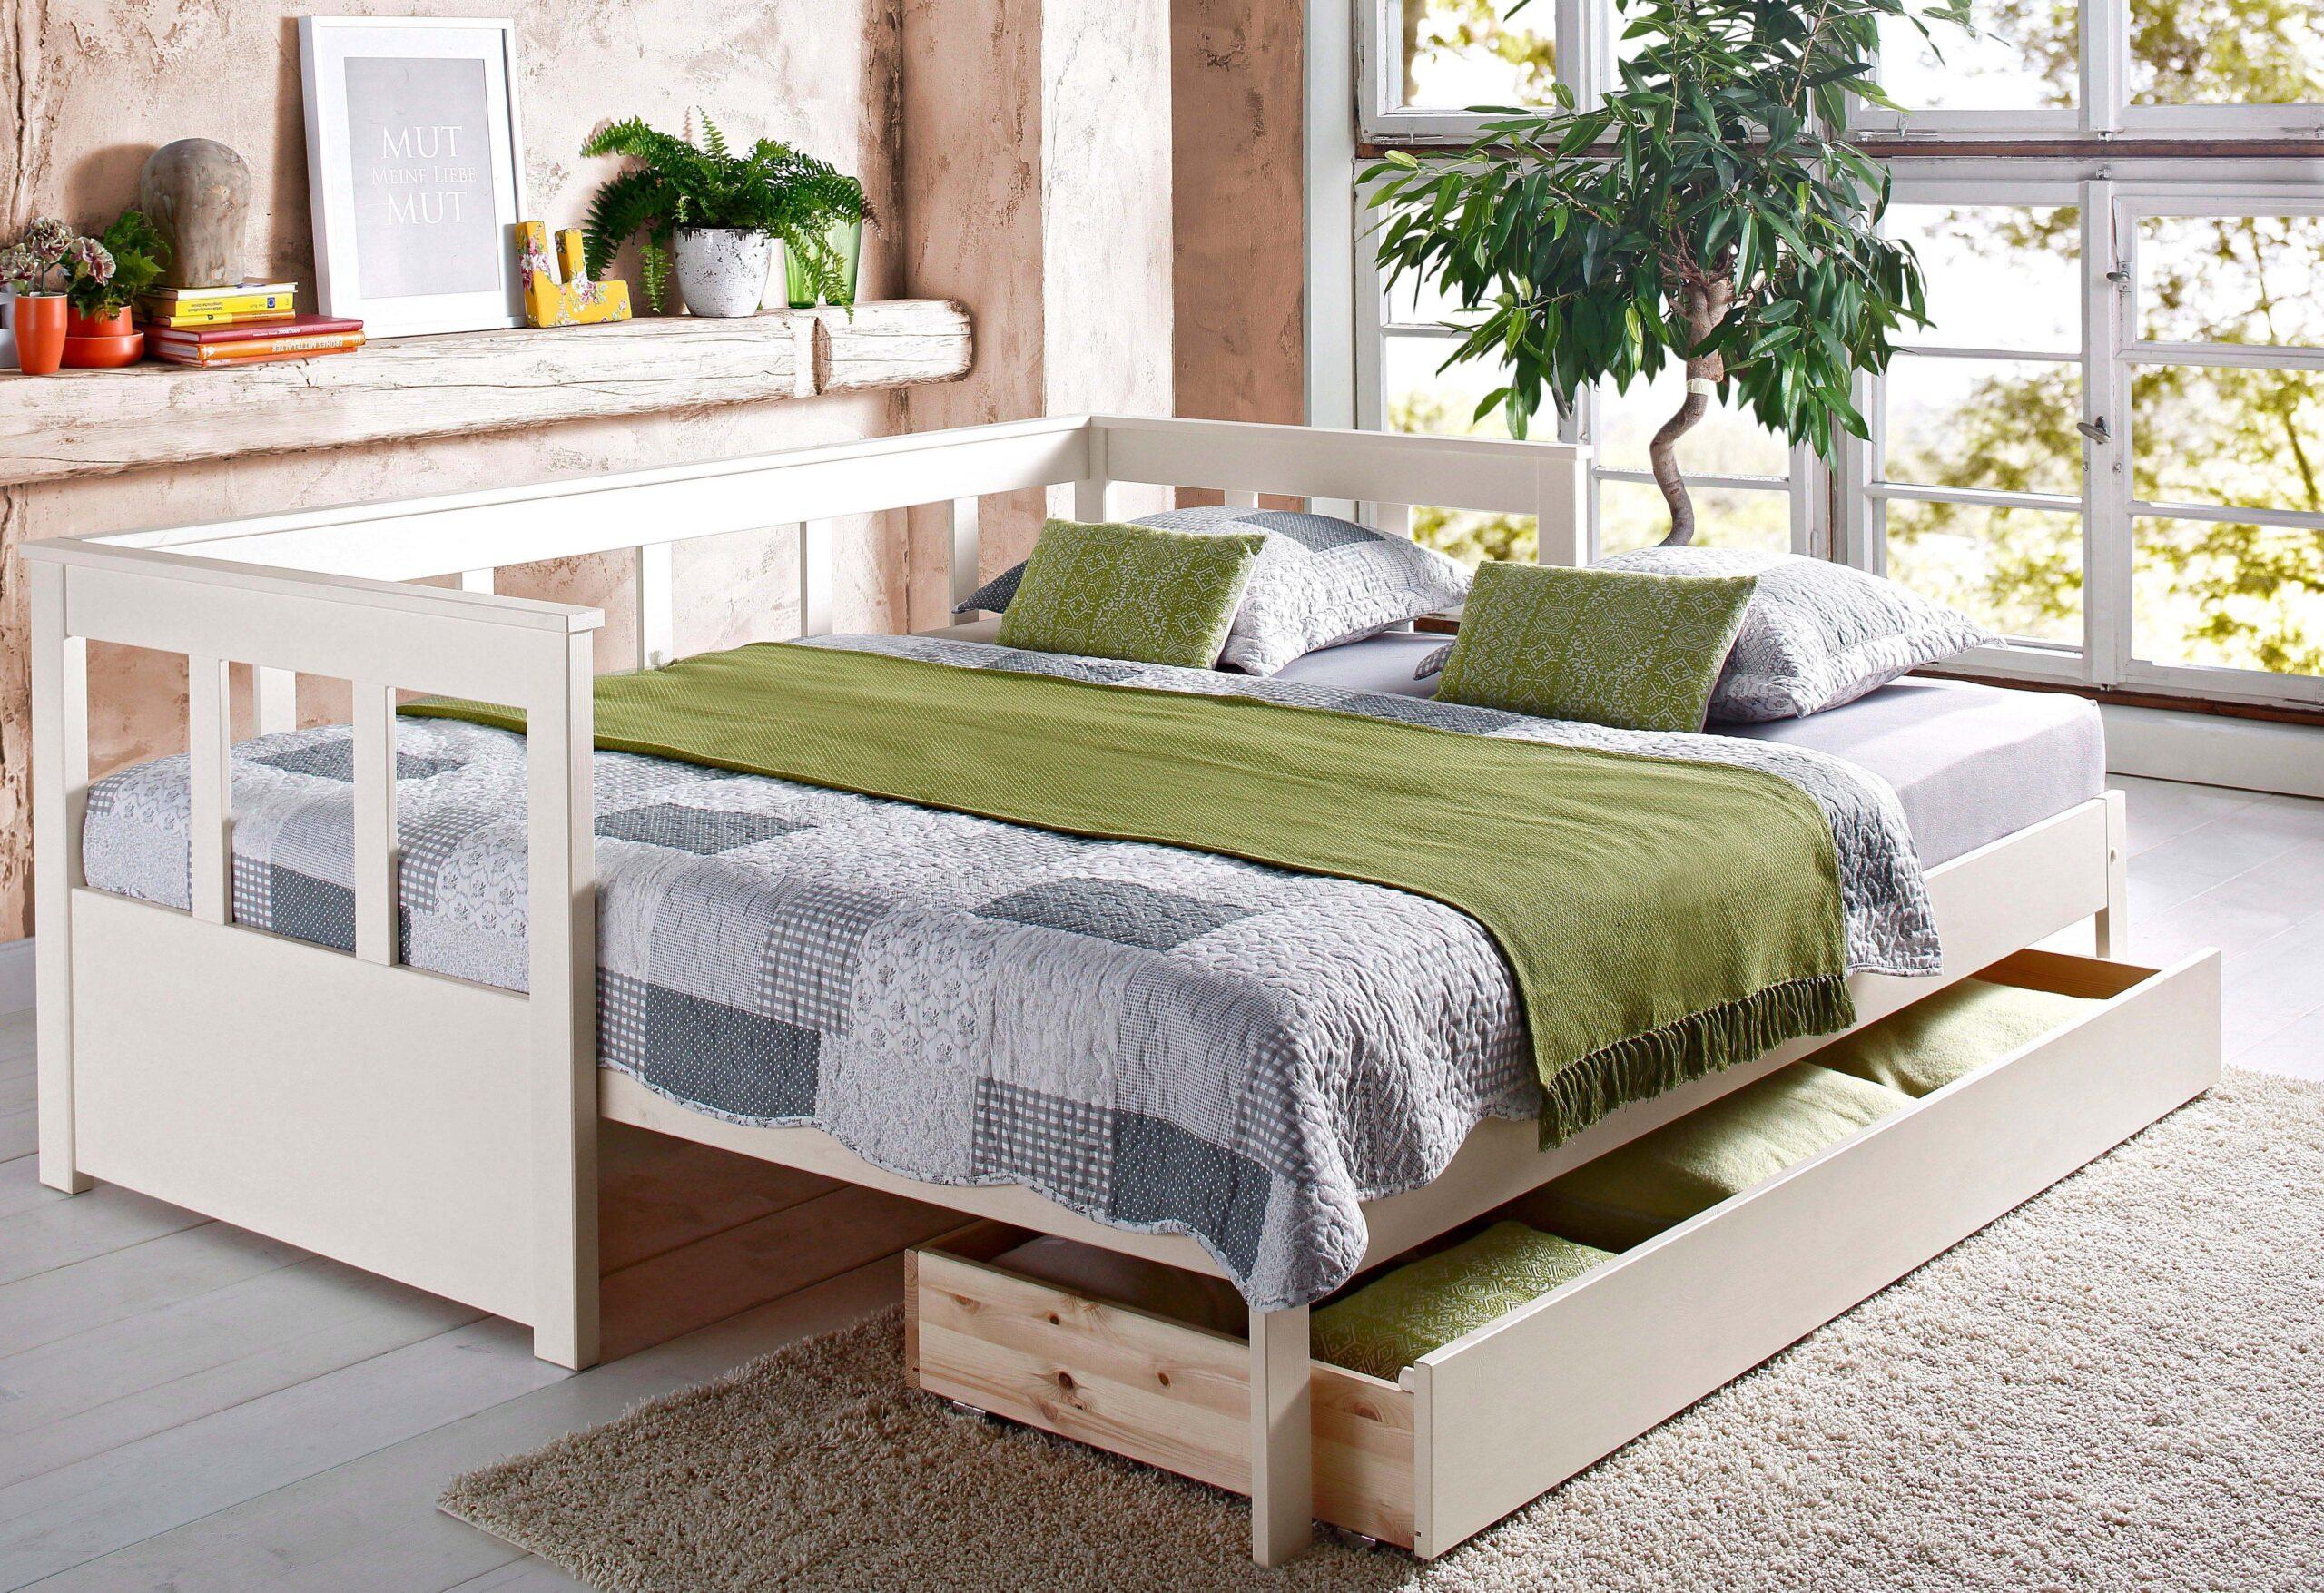 Full Size of Ausziehbares Doppelbett Ikea Ausziehbare Doppelbettcouch Home Affaire Daybett Aira Bestellen Baur Bett Wohnzimmer Ausziehbares Doppelbett